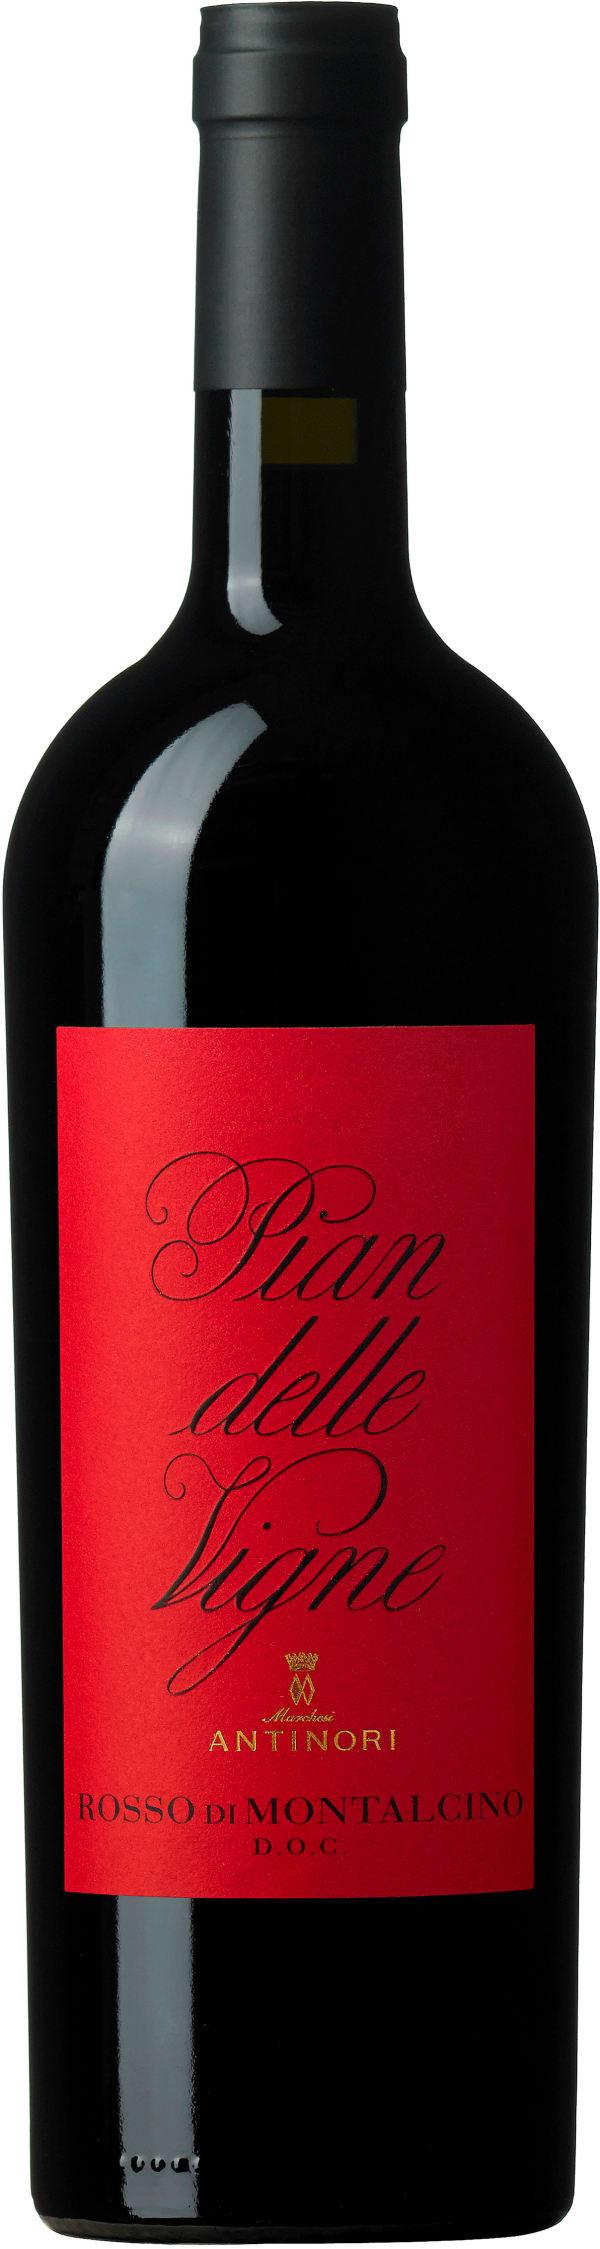 Antinori Pian delle Vigne Rosso di Montalcino 2016